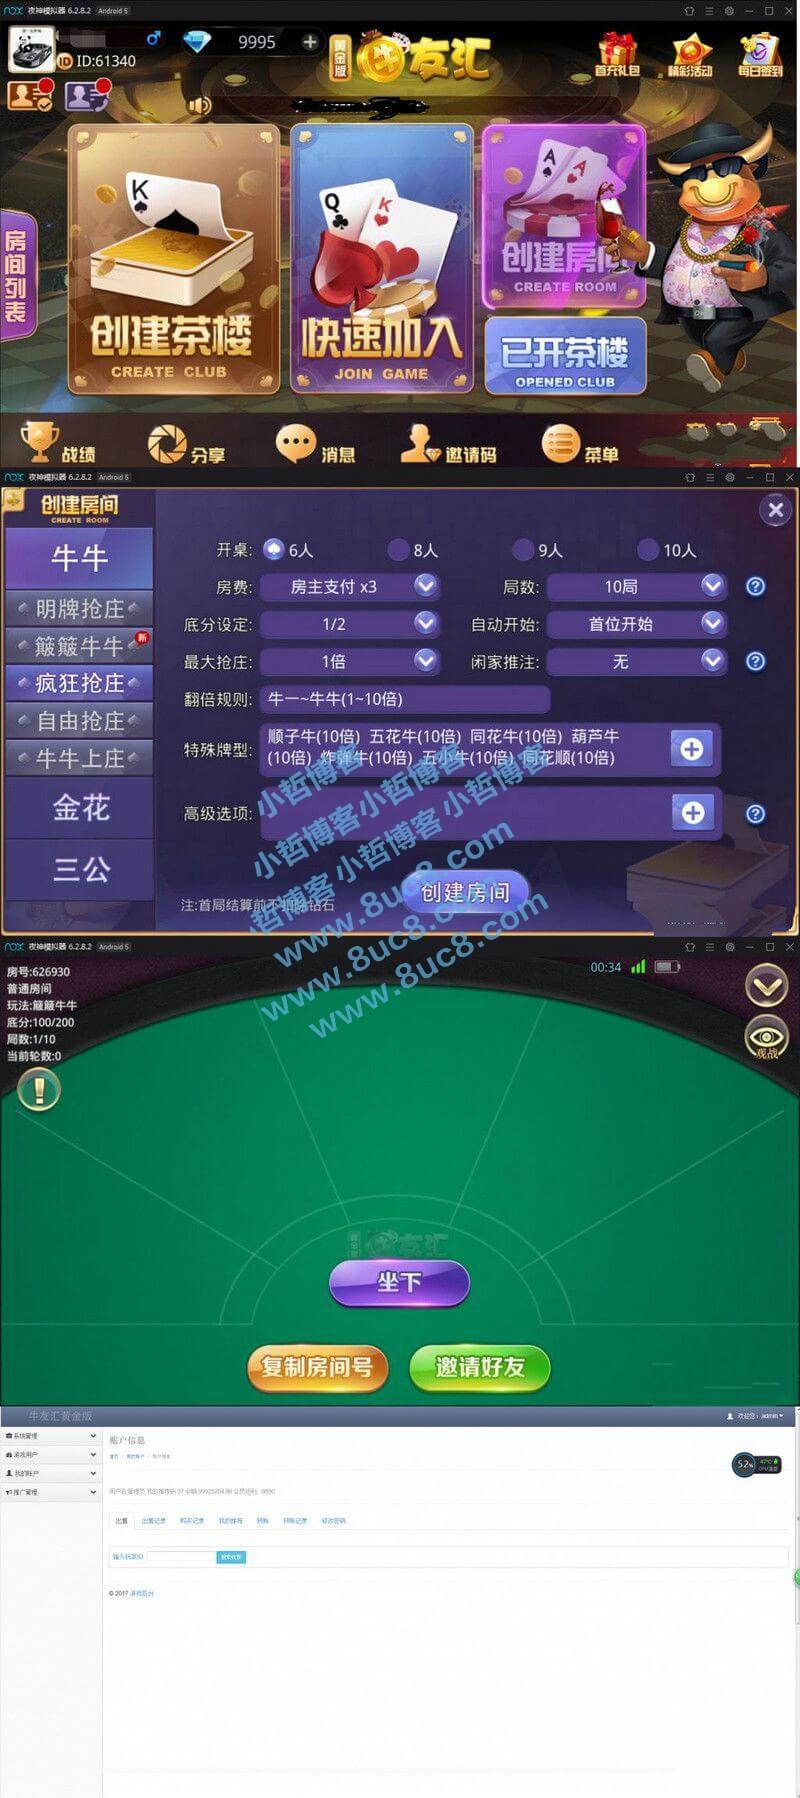 牛大亨棋牌免授权版游戏组件 房卡牛友汇带茶楼模式运营版源码+教程视频插图